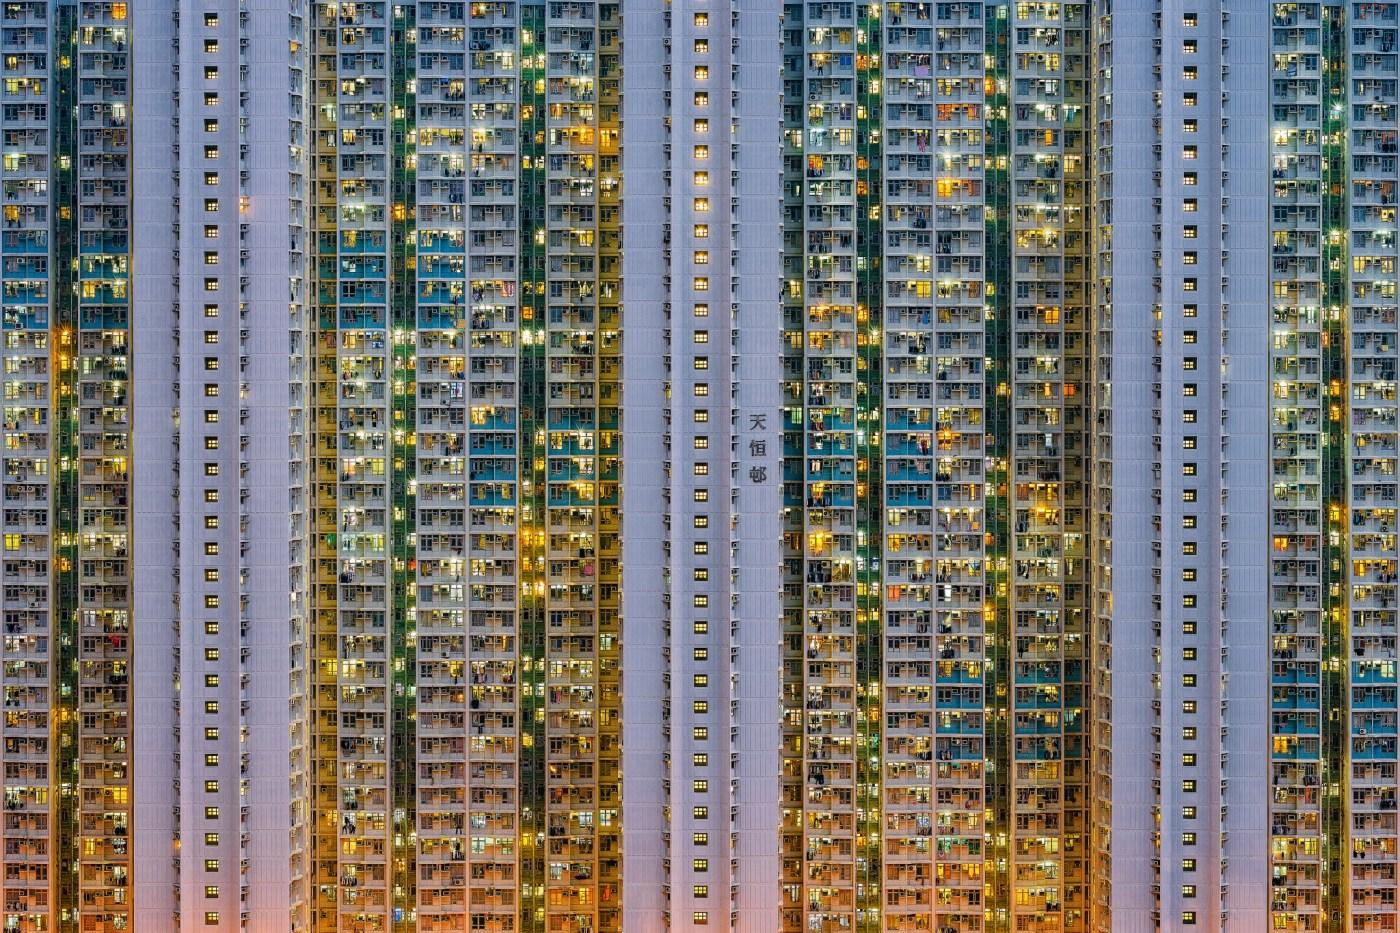 4 - Stacked Hong Kong